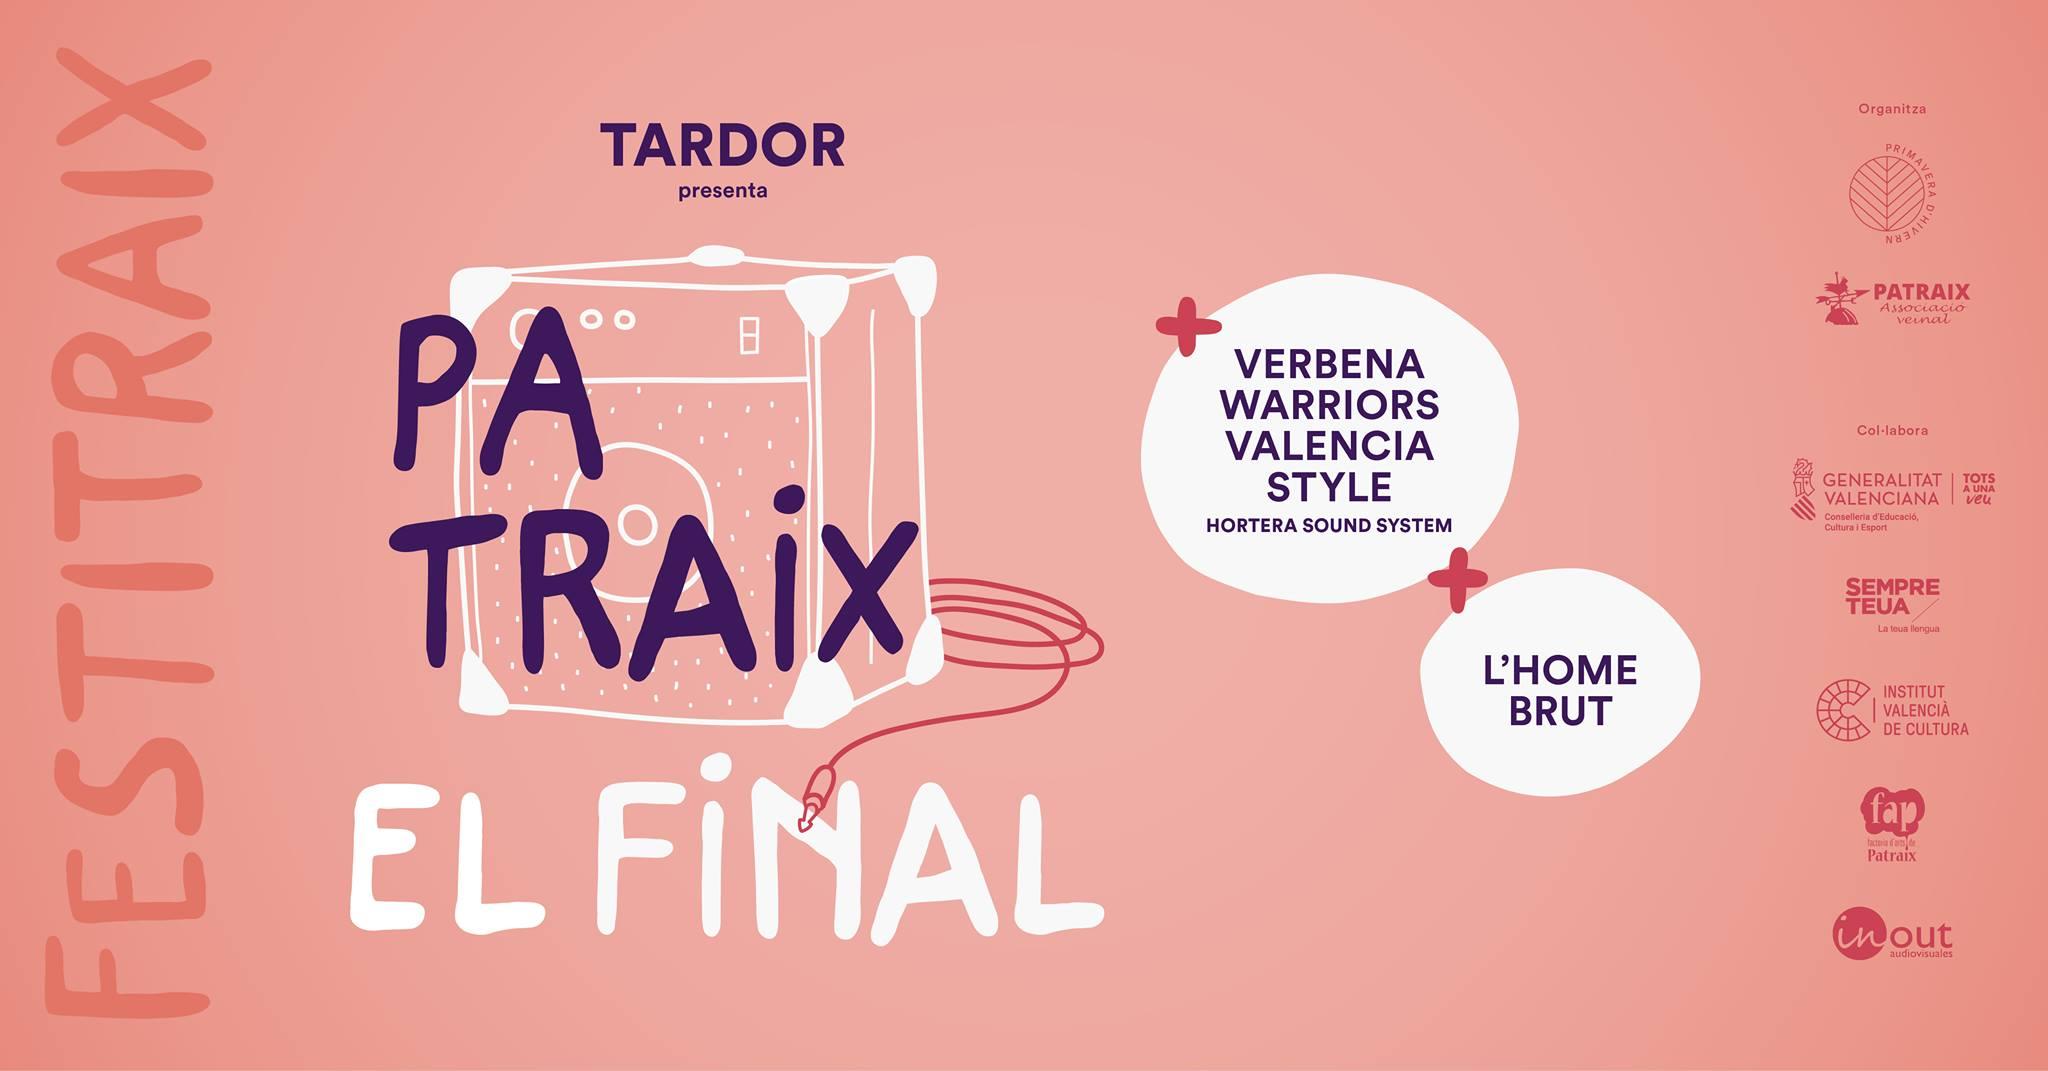 Tardor finalitza demà la gira del disc Patraix dins del Festitraix